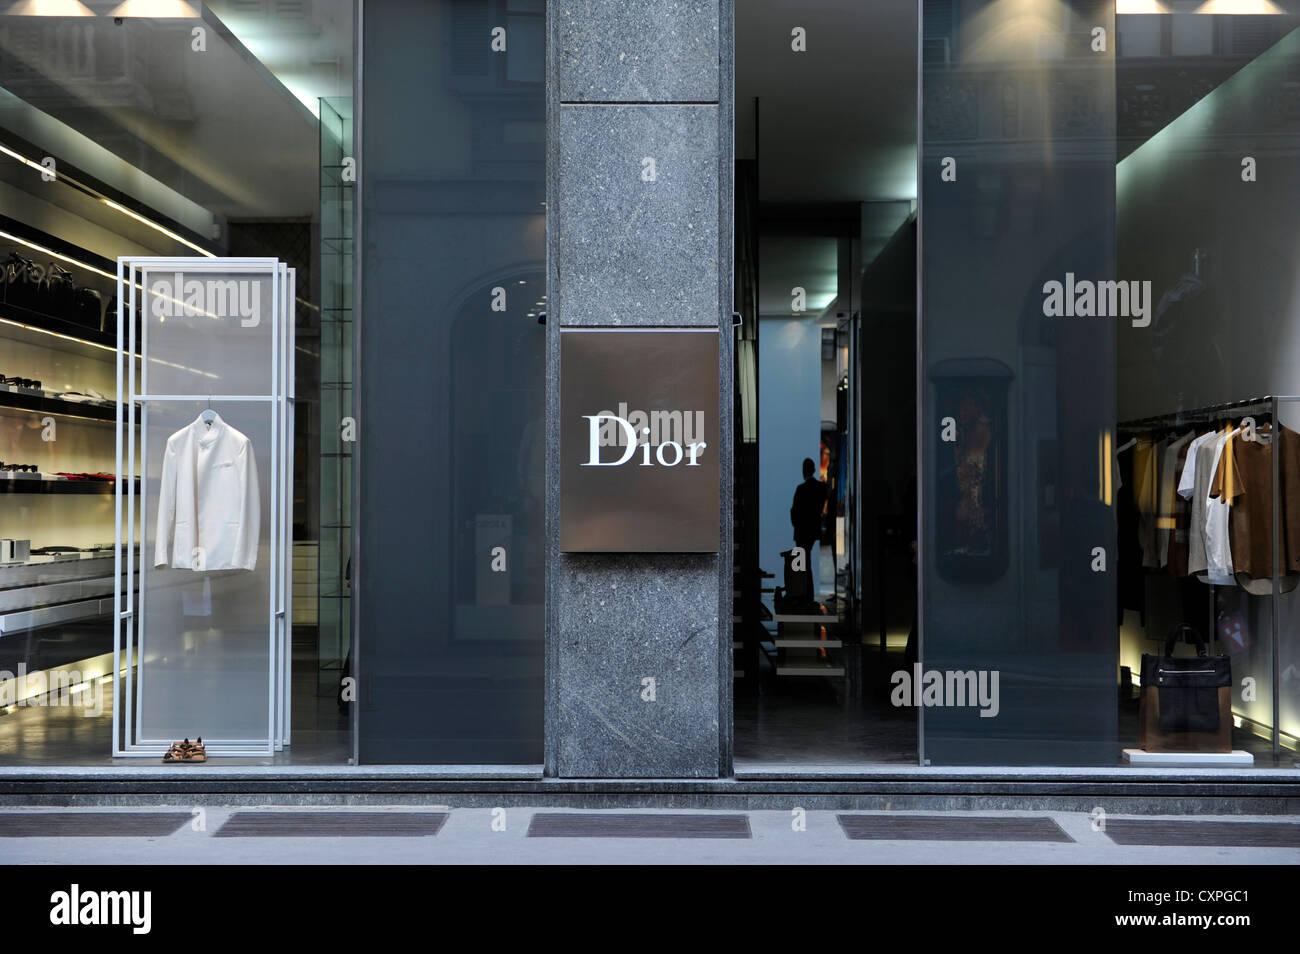 Dior shop. Via Montenapoleone. Milan, Italy - Stock Image